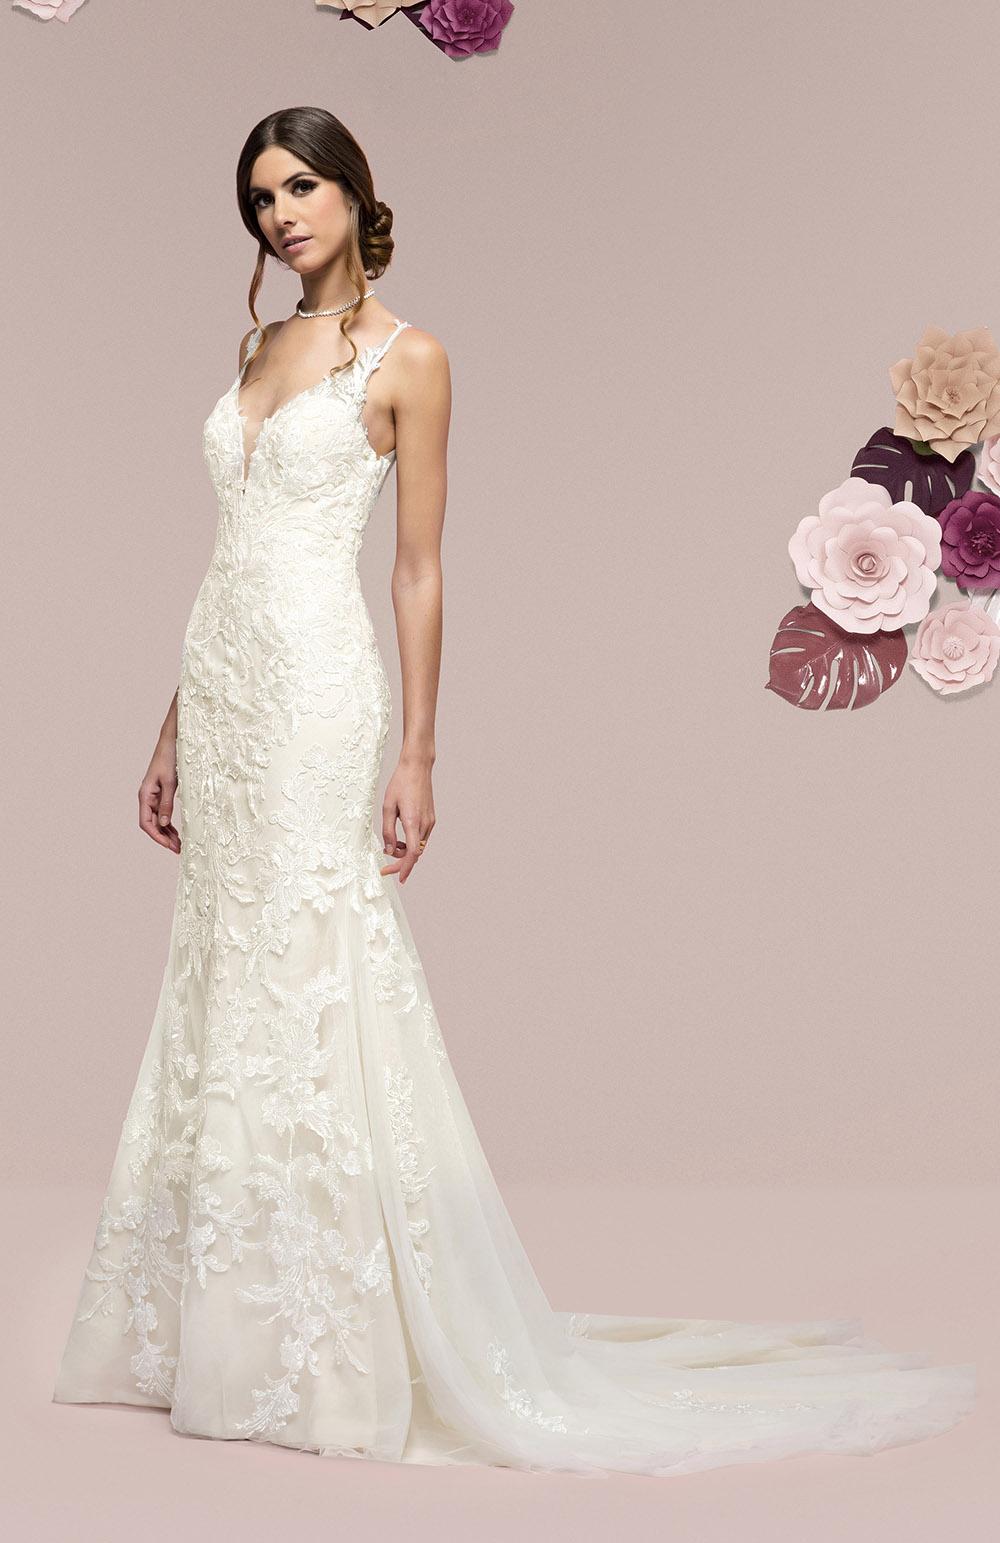 Robe de mariée Modèle Valora